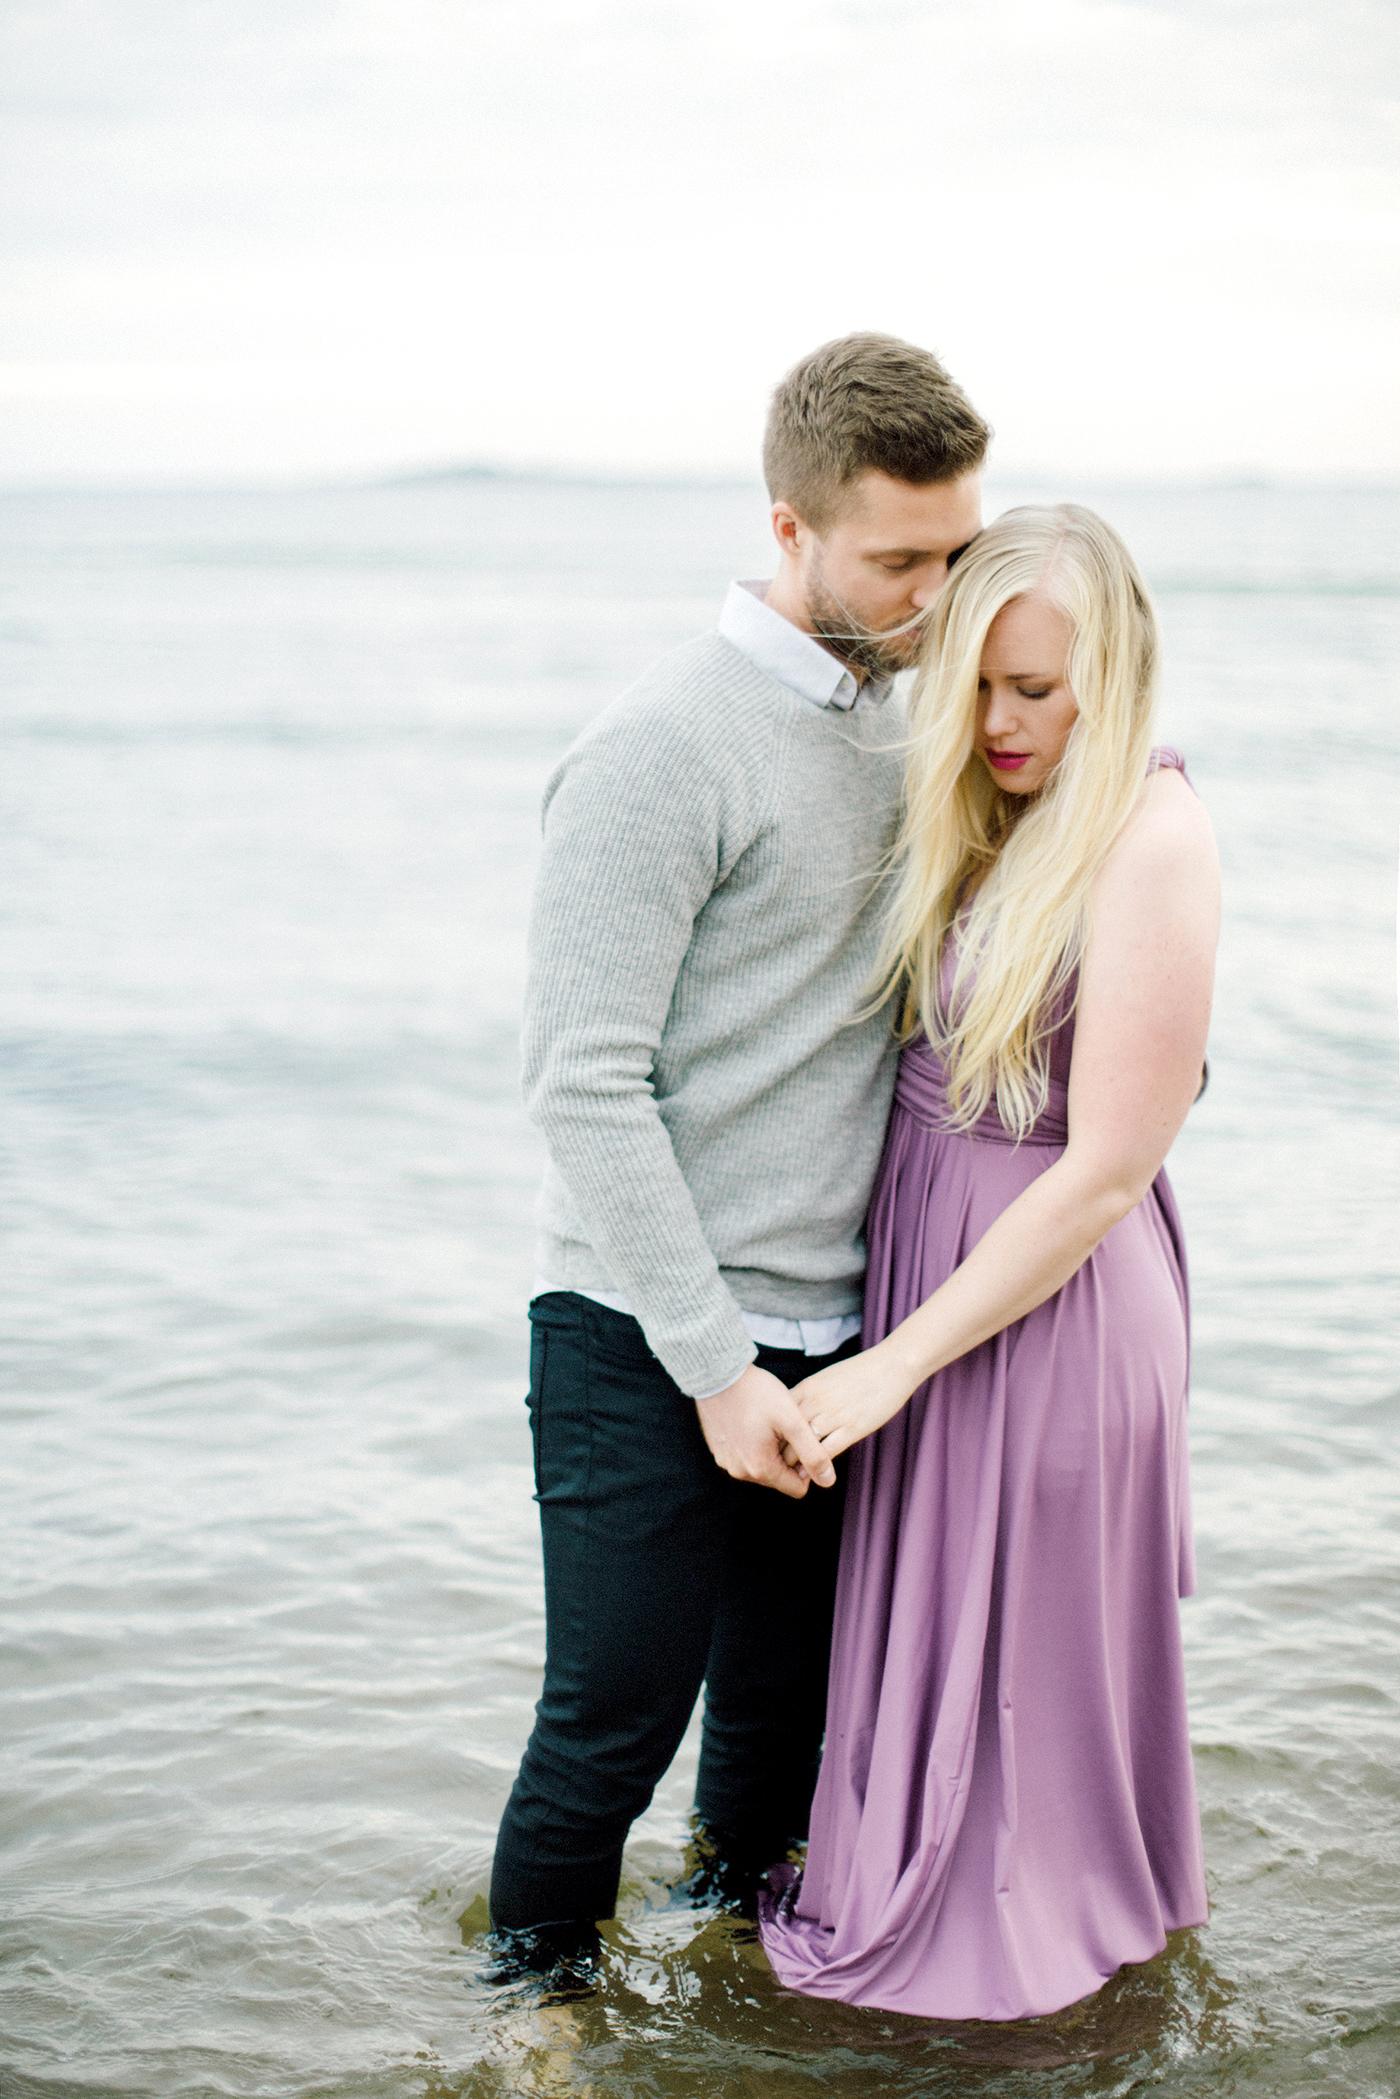 Sari & Mikko - Beach Engagement Couple Shoot in Hanko kihlakuvaus parikuvaus - Susanna Nordvall - Hey Look (21).jpg